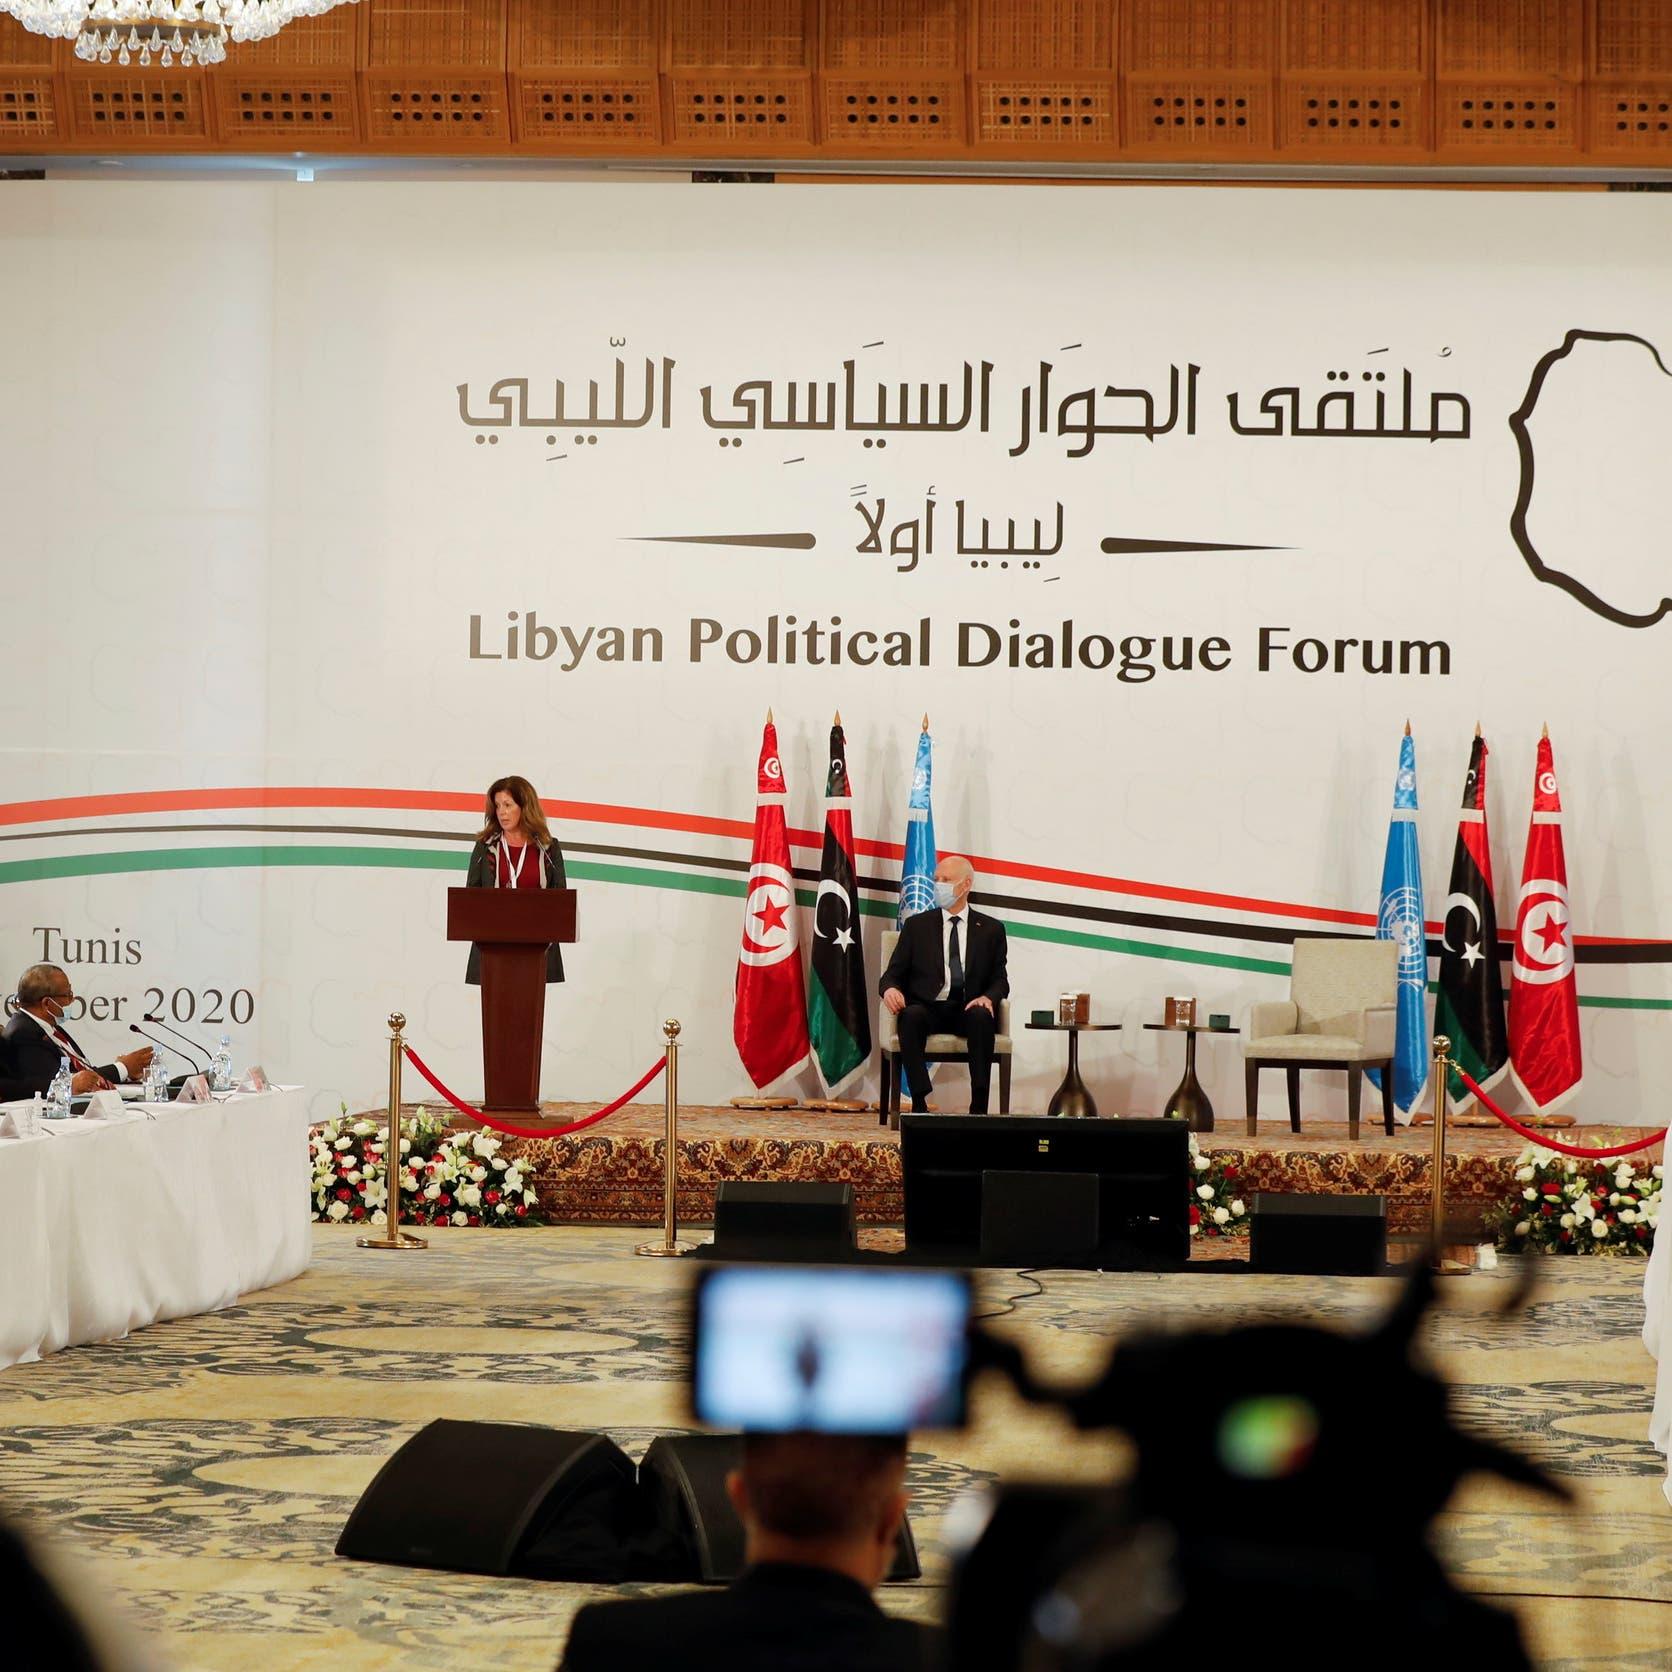 فشل الحوار الليبي لاختيار آلية تسمية مرشحي المناصب التنفيذية